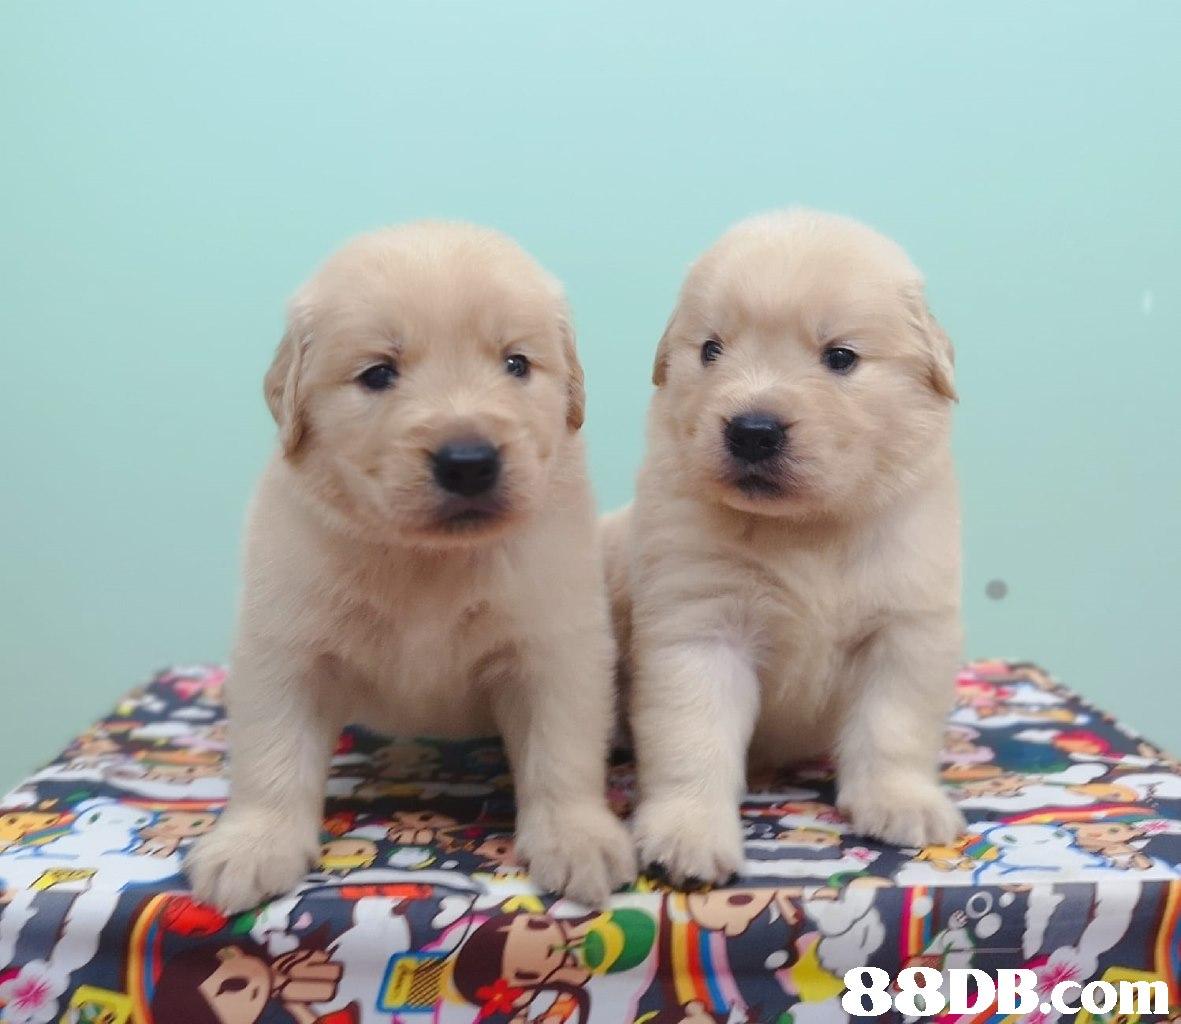 dog,dog like mammal,retriever,dog breed,golden retriever